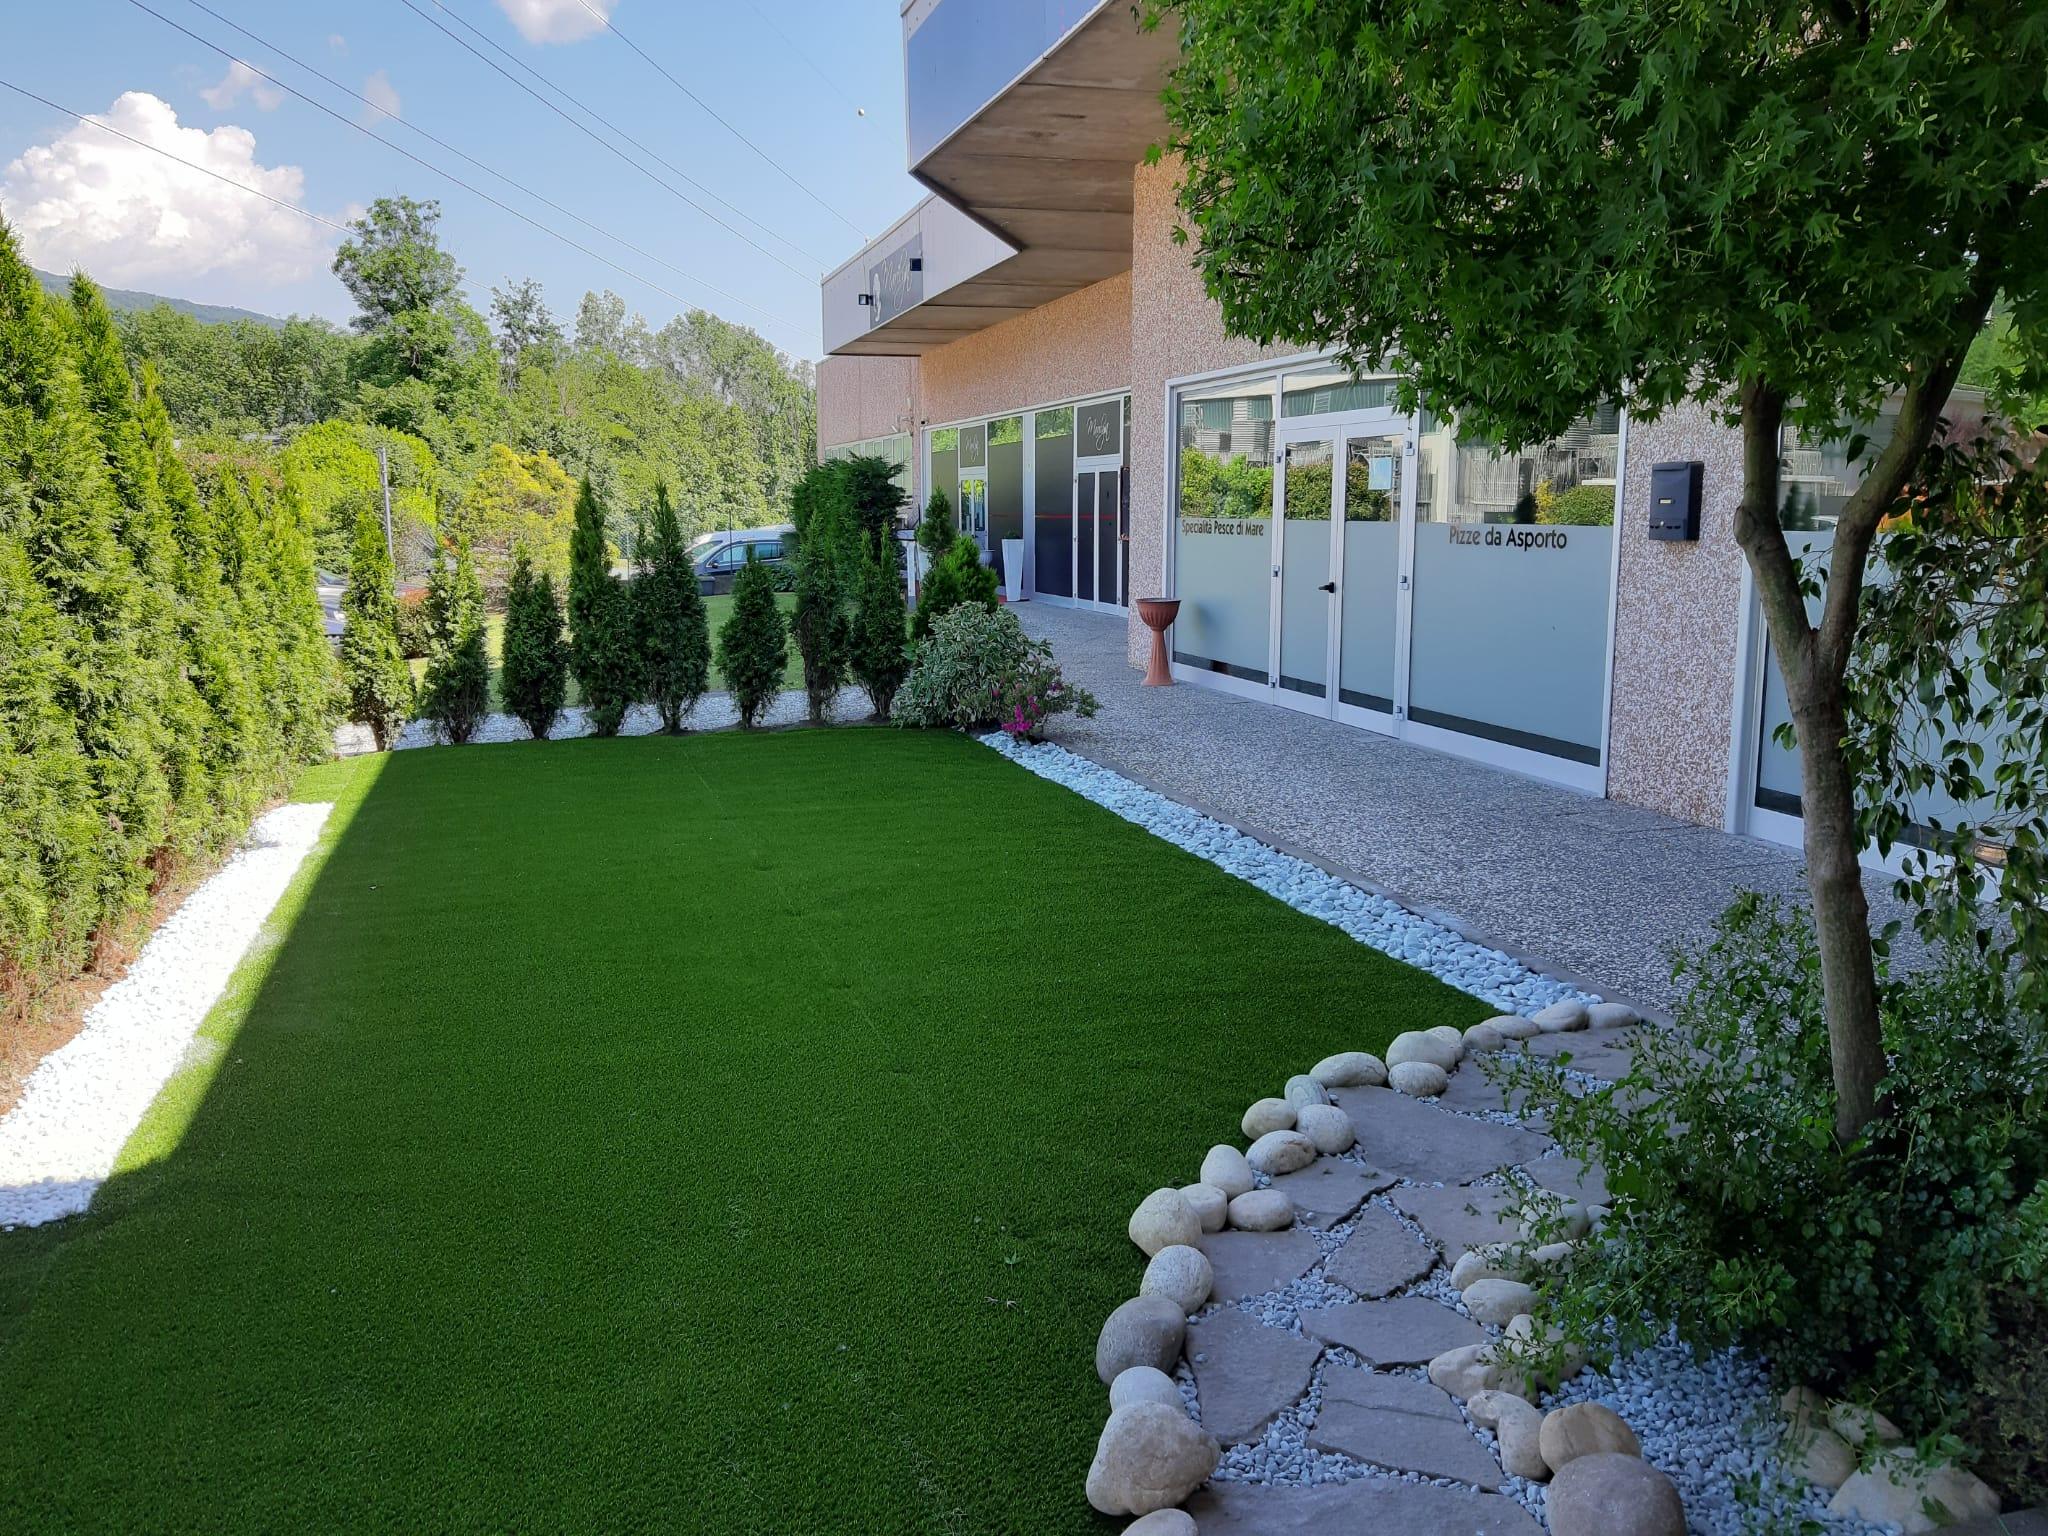 Nuovo giardino